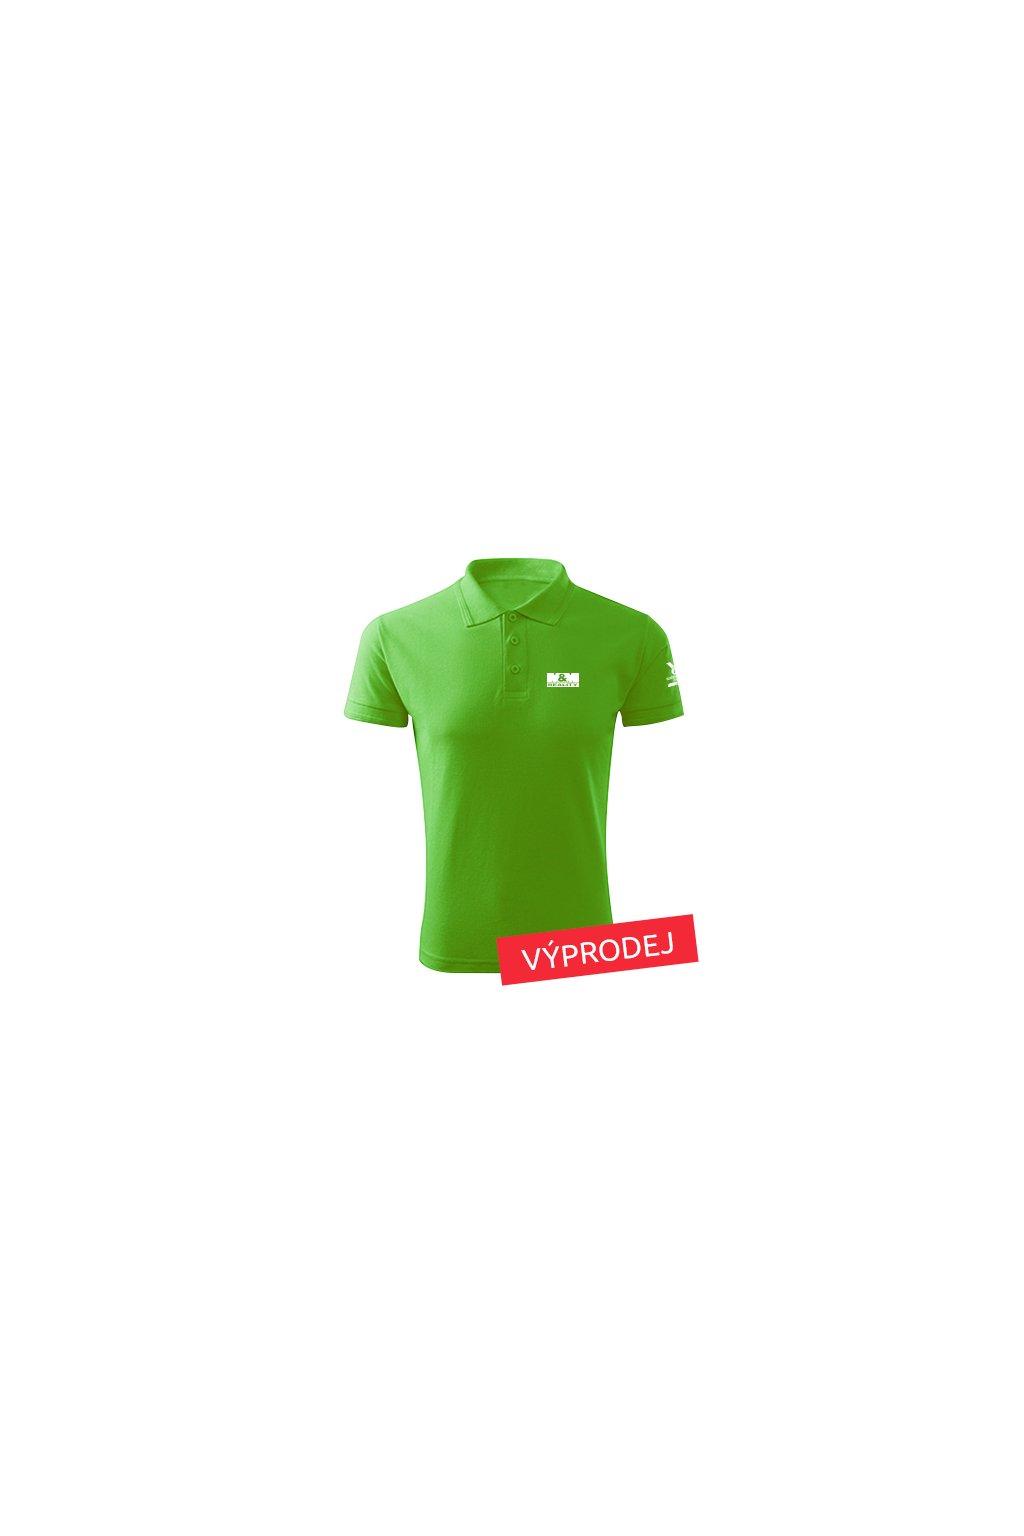 Pánská polokošile zelená nejdůvěryhodnější značka 203 - VÝPRODEJ